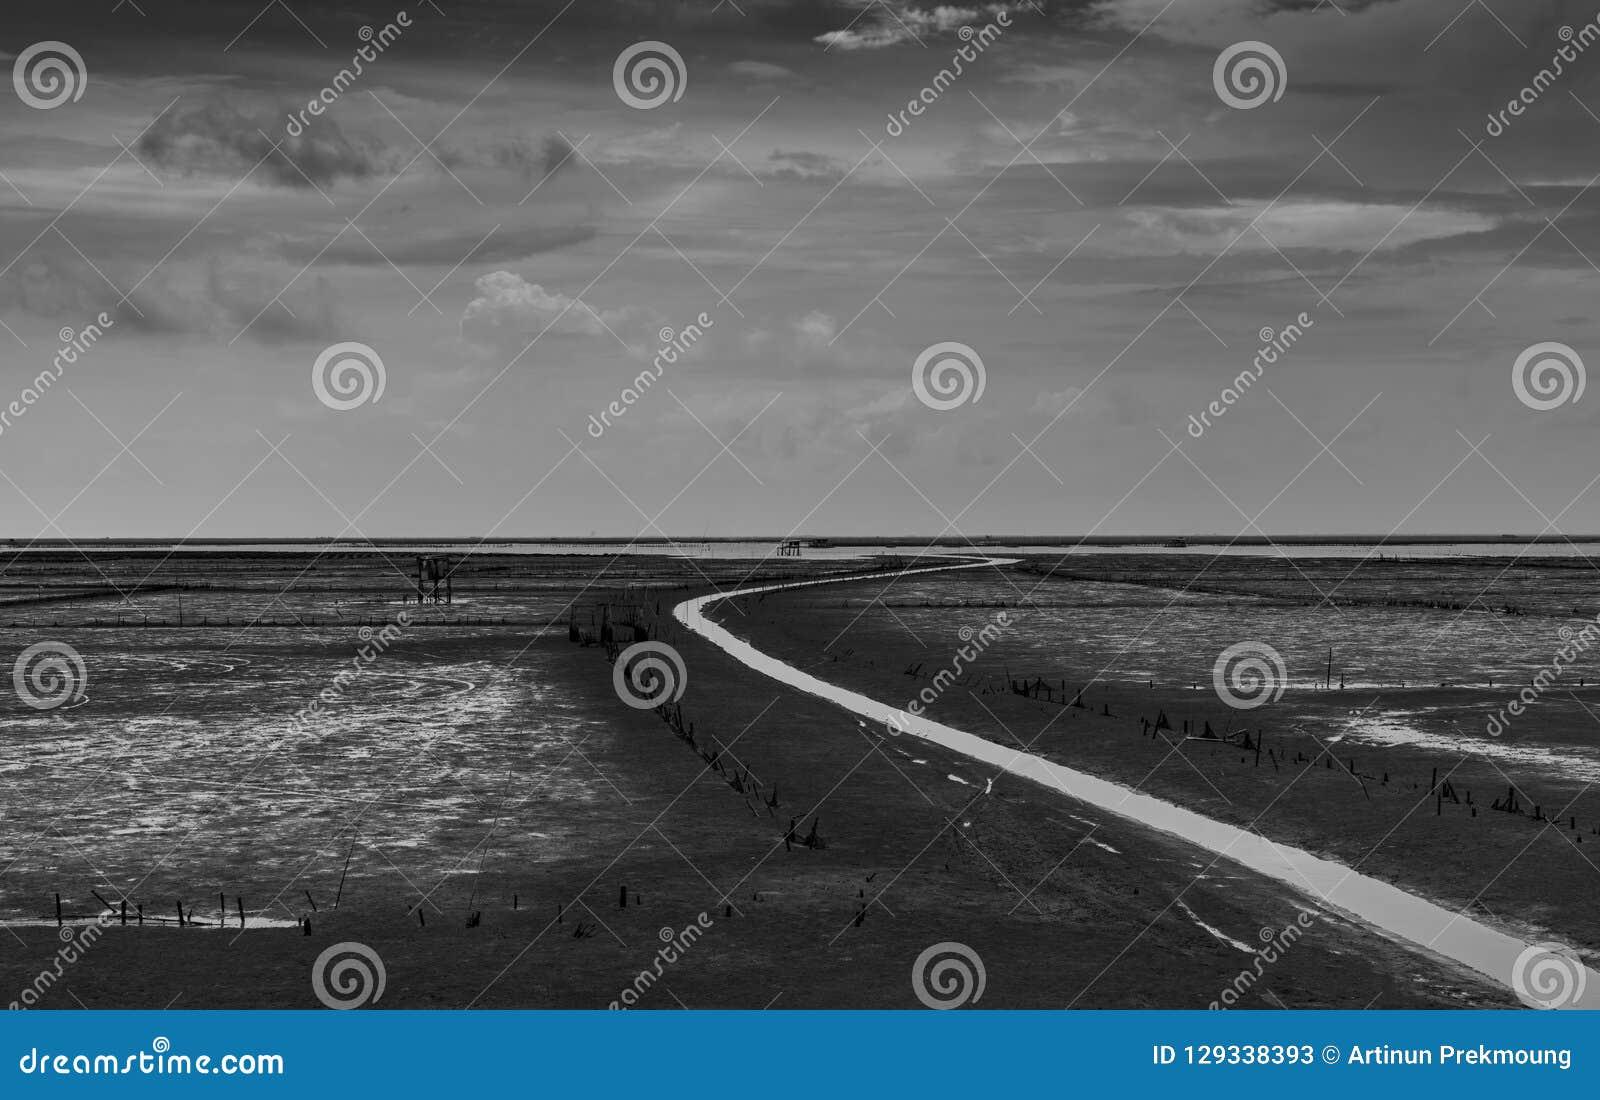 海风景浪潮的和沿绕的灰色天空和白色云彩浇灌运河 在海岸黑白图片的泥滩